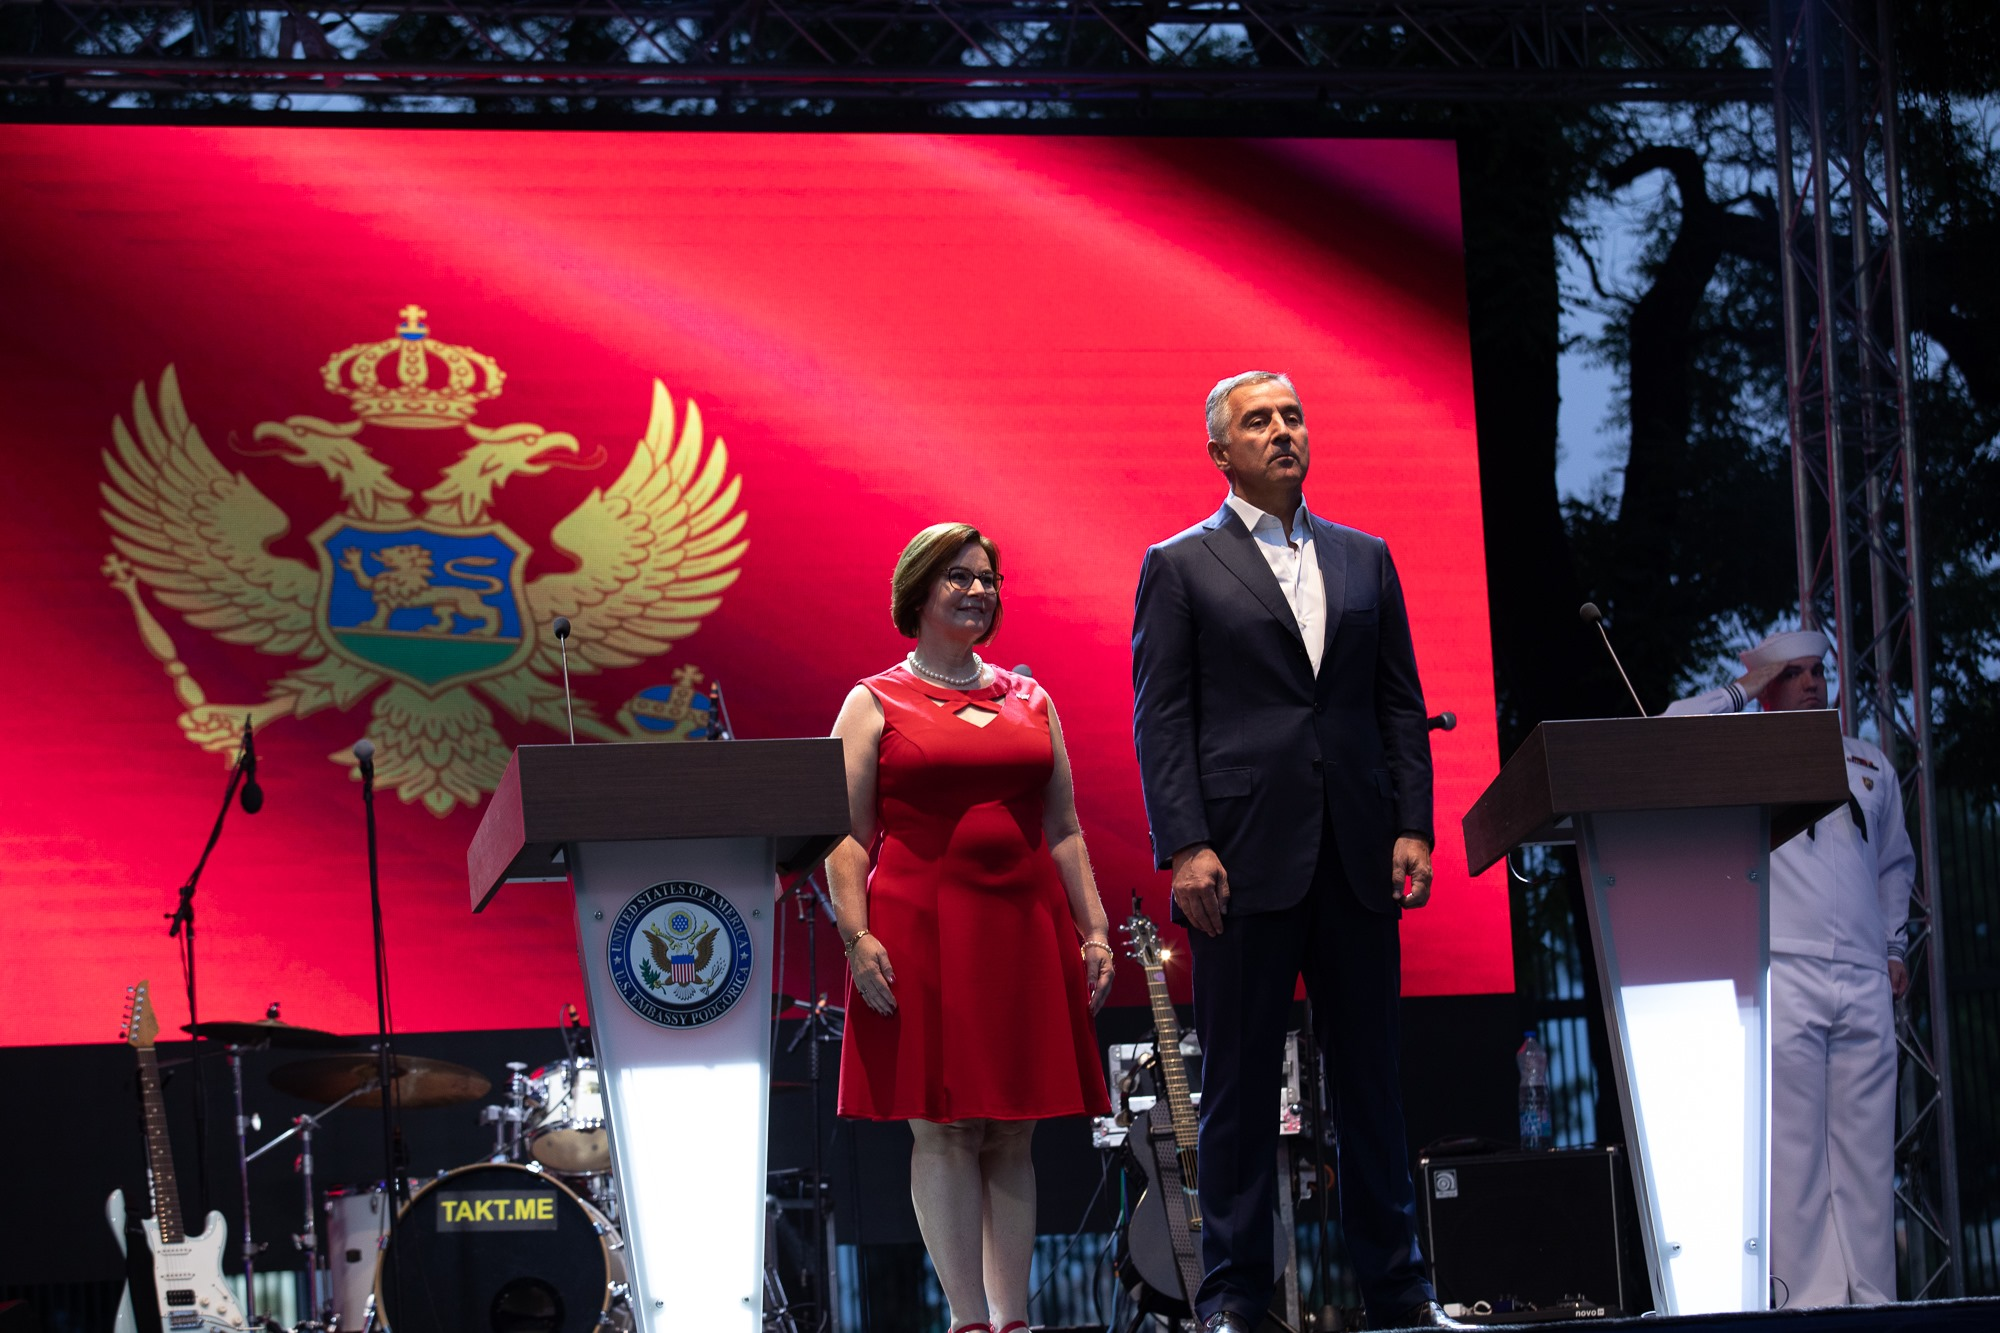 Ђукановић: Однос САД-а и Црне Горе се наставља и у НАТО-у, укључујући мисије од Авганистана до Косова